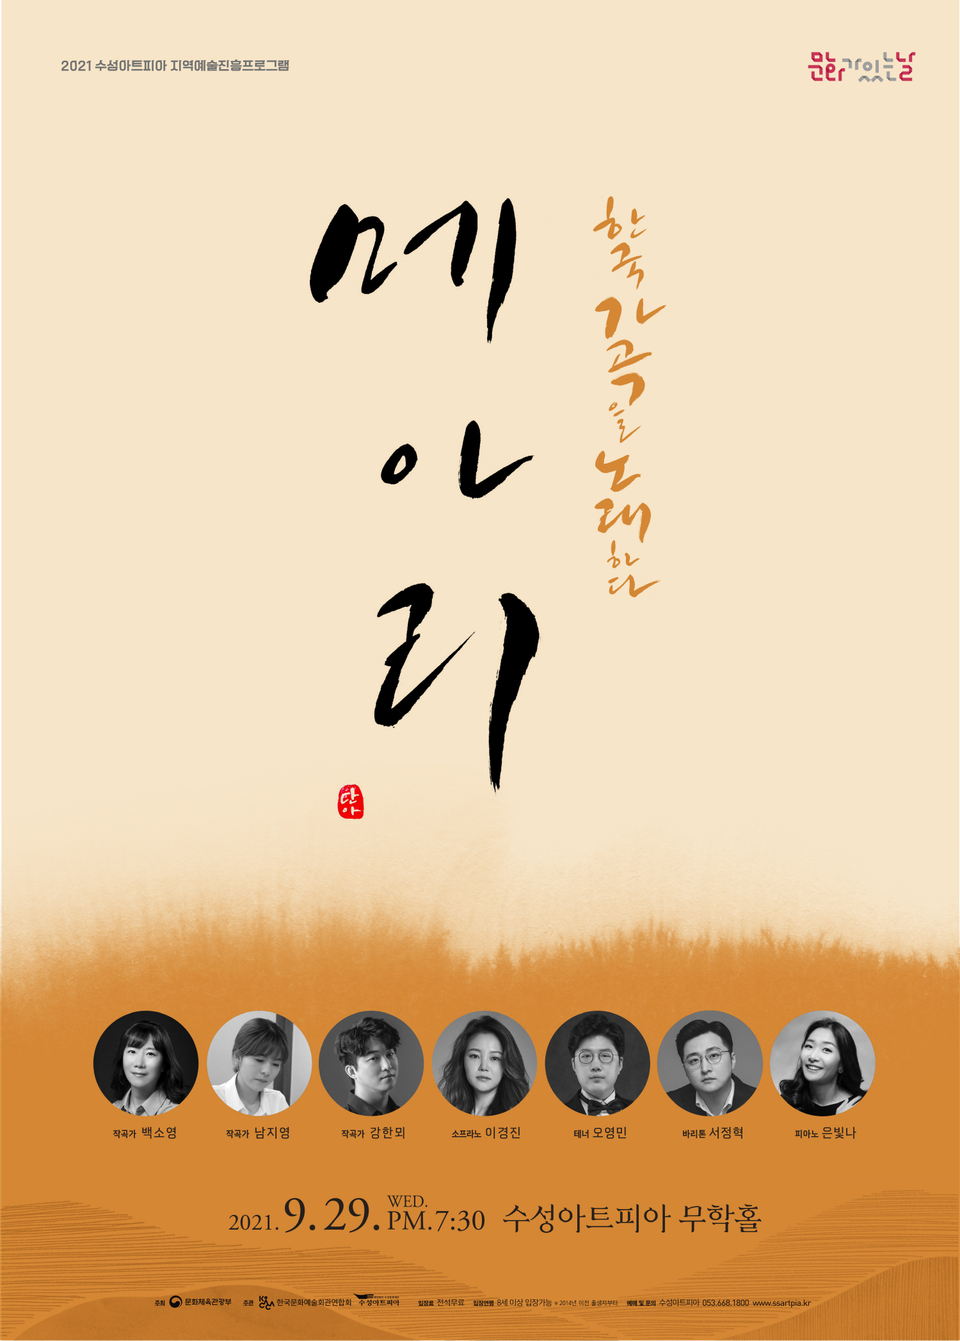 수성아트피아, 문화가 있는 날 여섯 번째 시리즈 '한국가곡을 노래하다' 공연